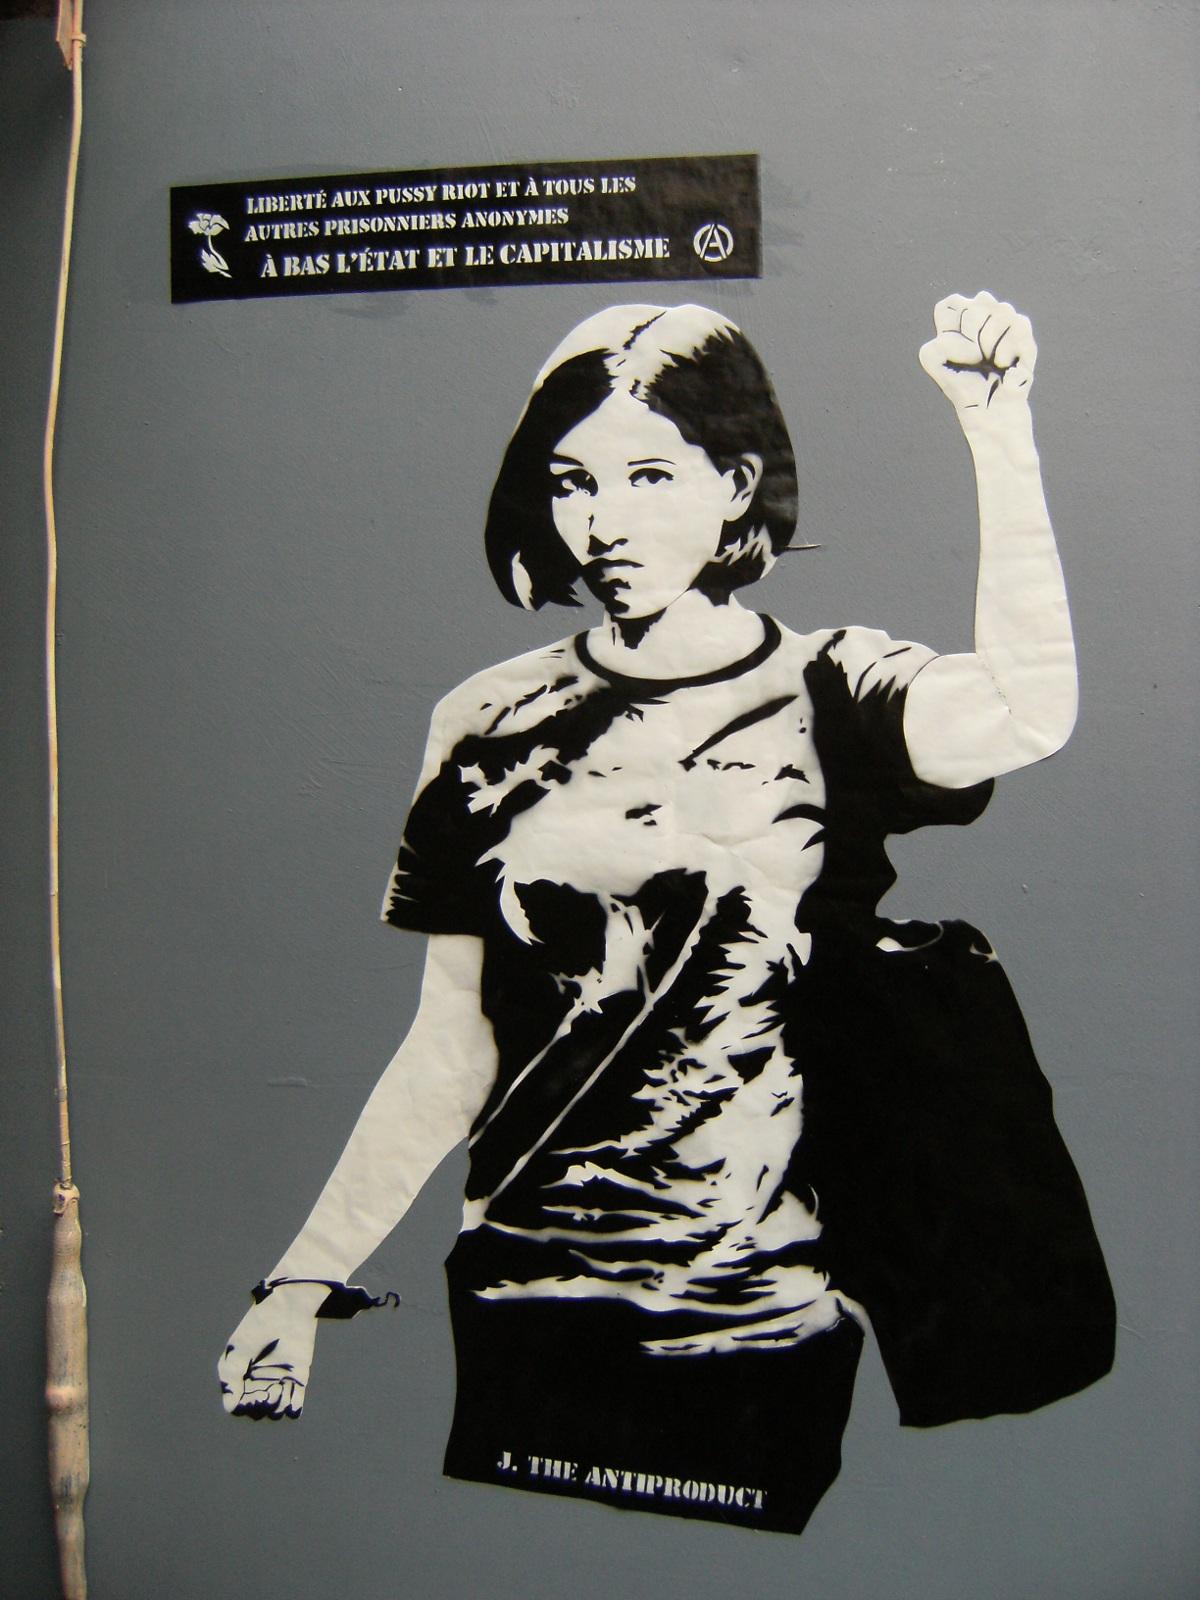 http://juralib.noblogs.org/files/2012/10/023.jpg